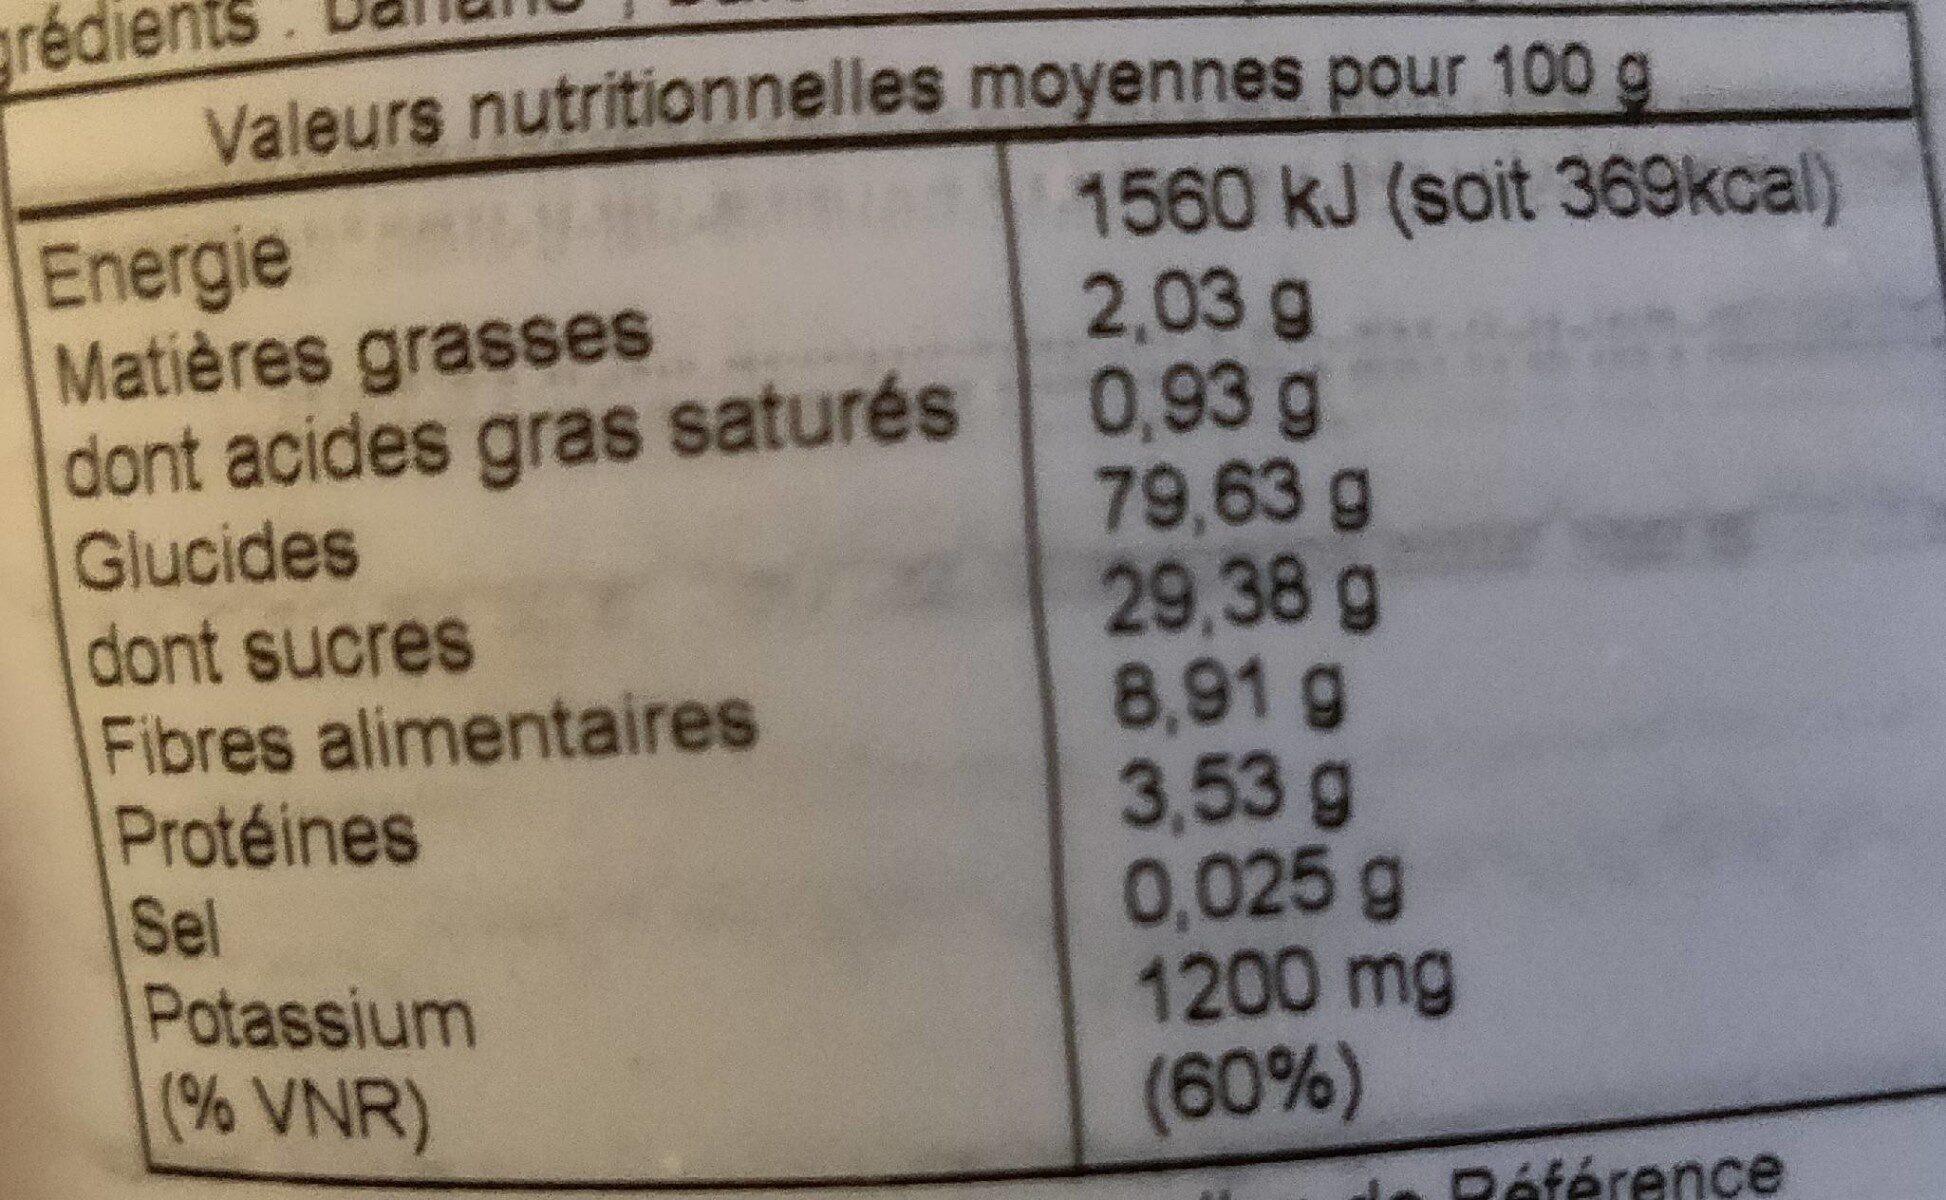 Bananes moelleuses aux baies des incas - Informations nutritionnelles - fr